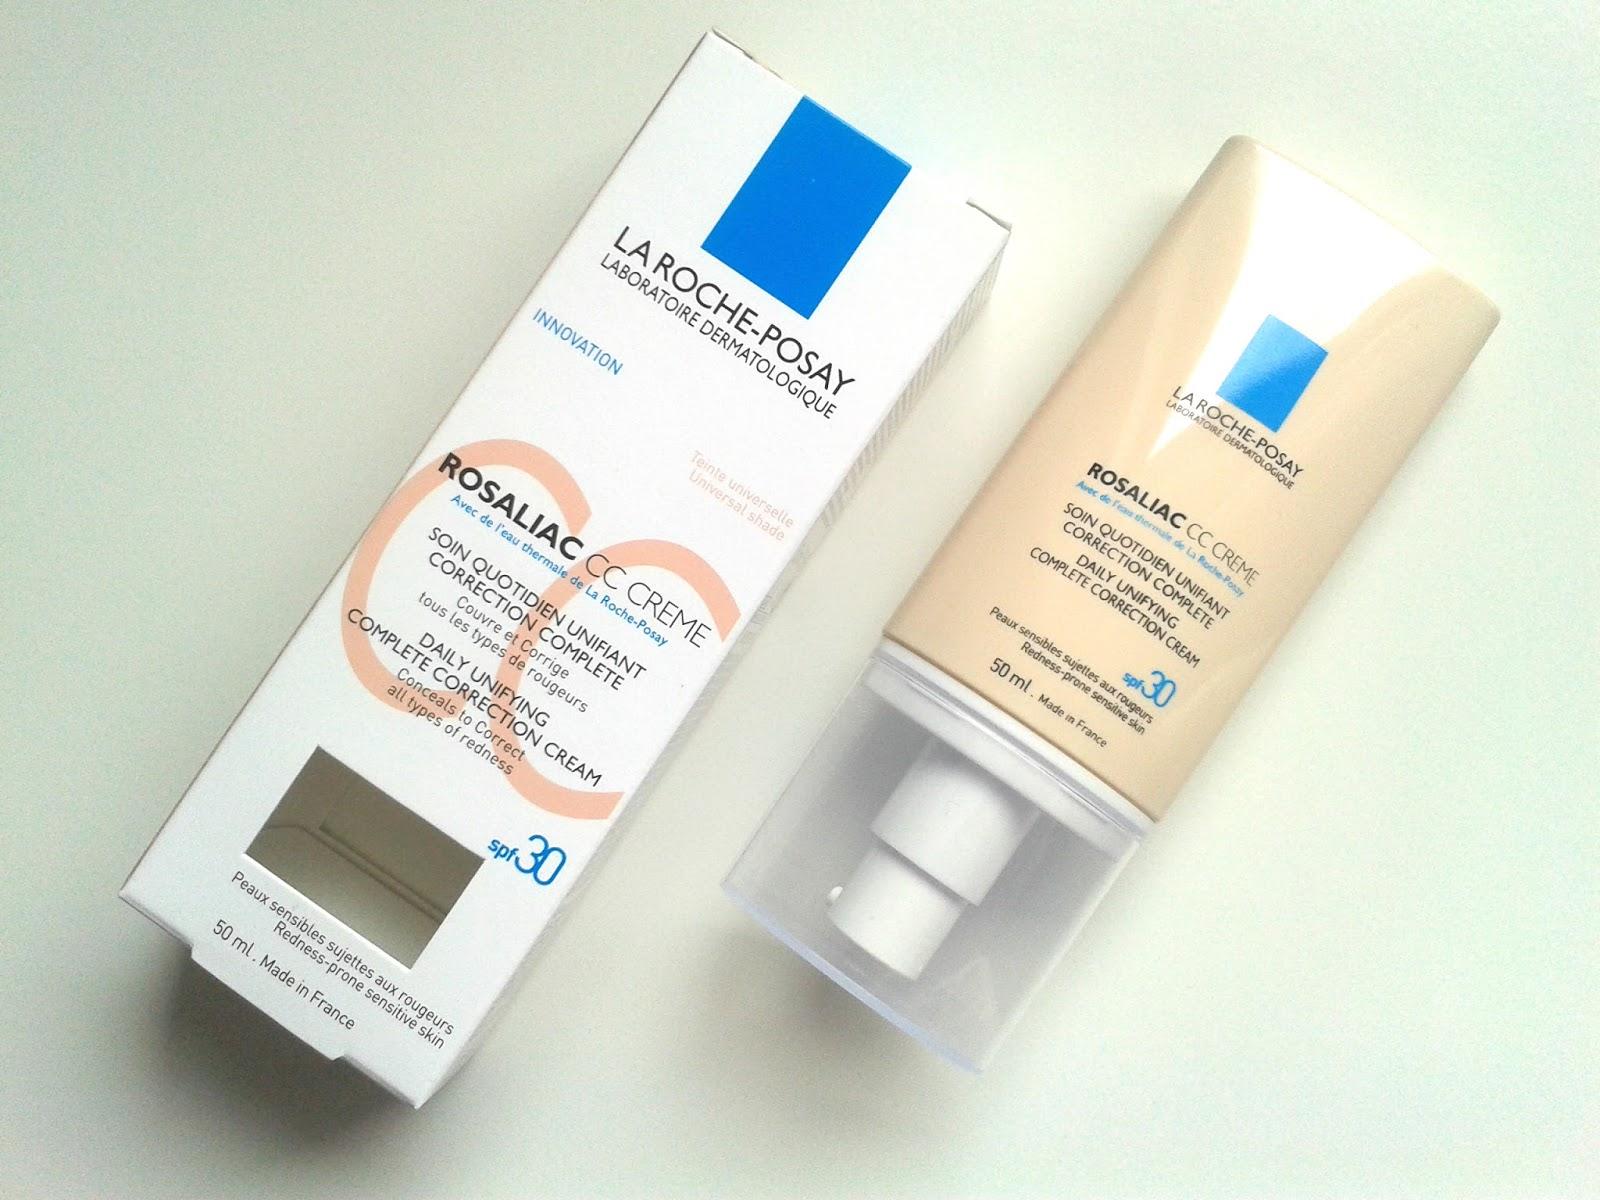 La Roche-Posay Rosaliac CC Cream Creme Review Complete Correction